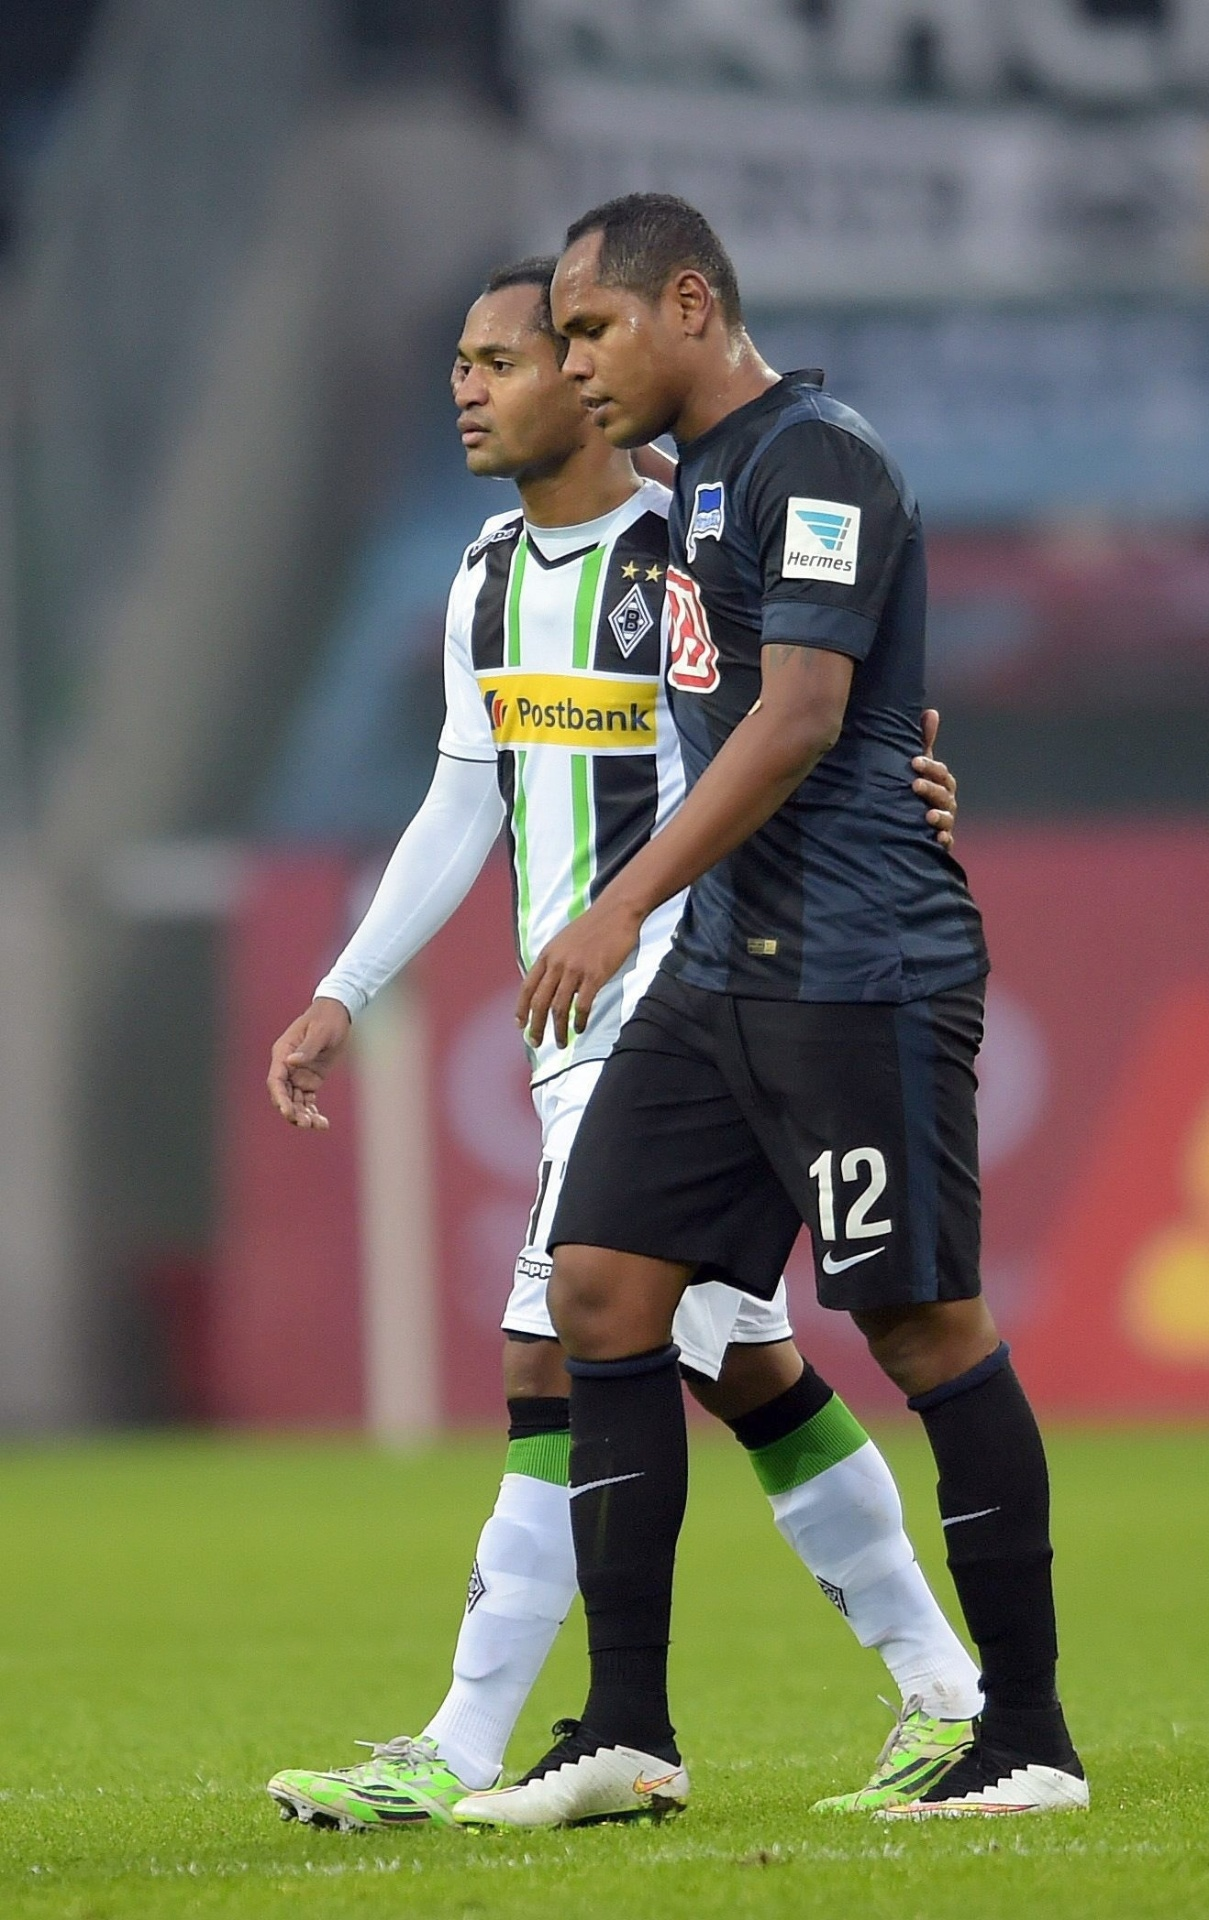 Irmãos Raffael e Ronny se encontram durante jogo entre Borussia Moenchengladbach e Hertha Berlin